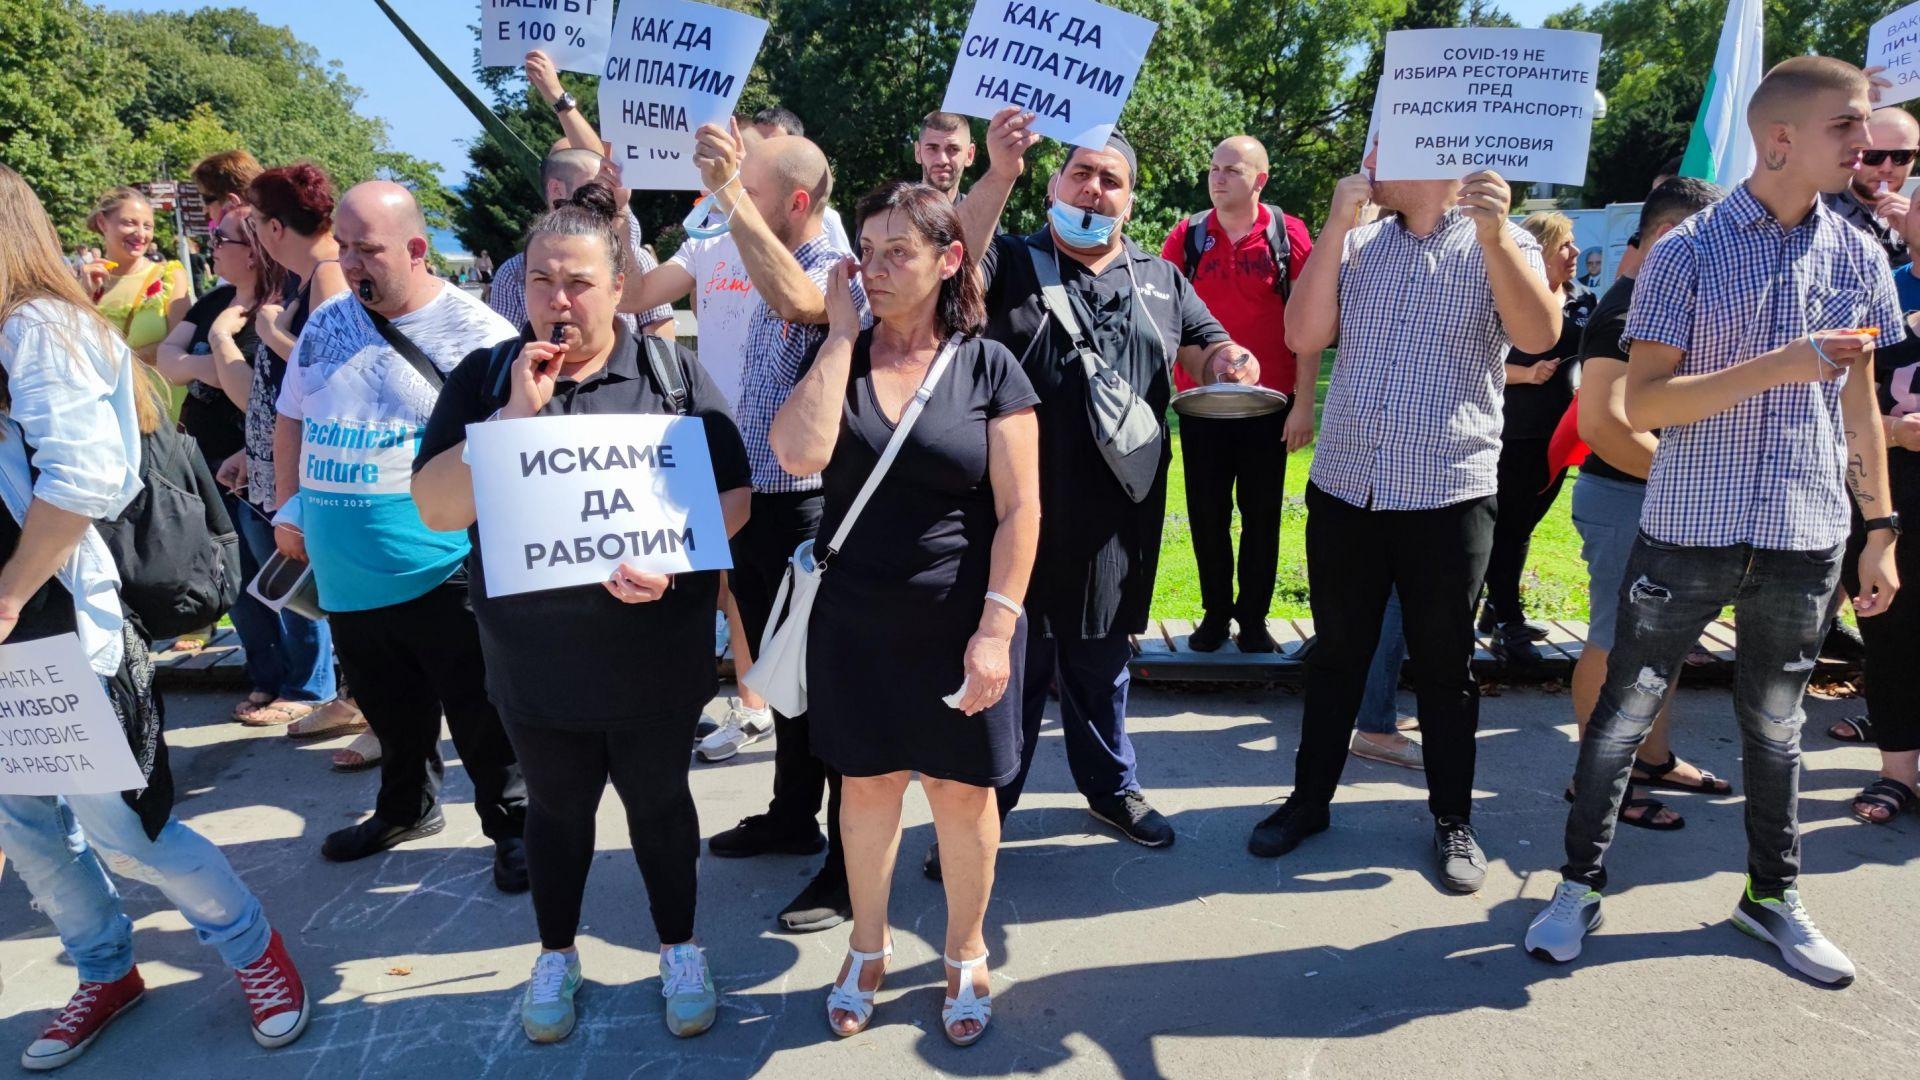 Властта отговори на бизнеса: Протести не могат да спрат разпространението на вируса